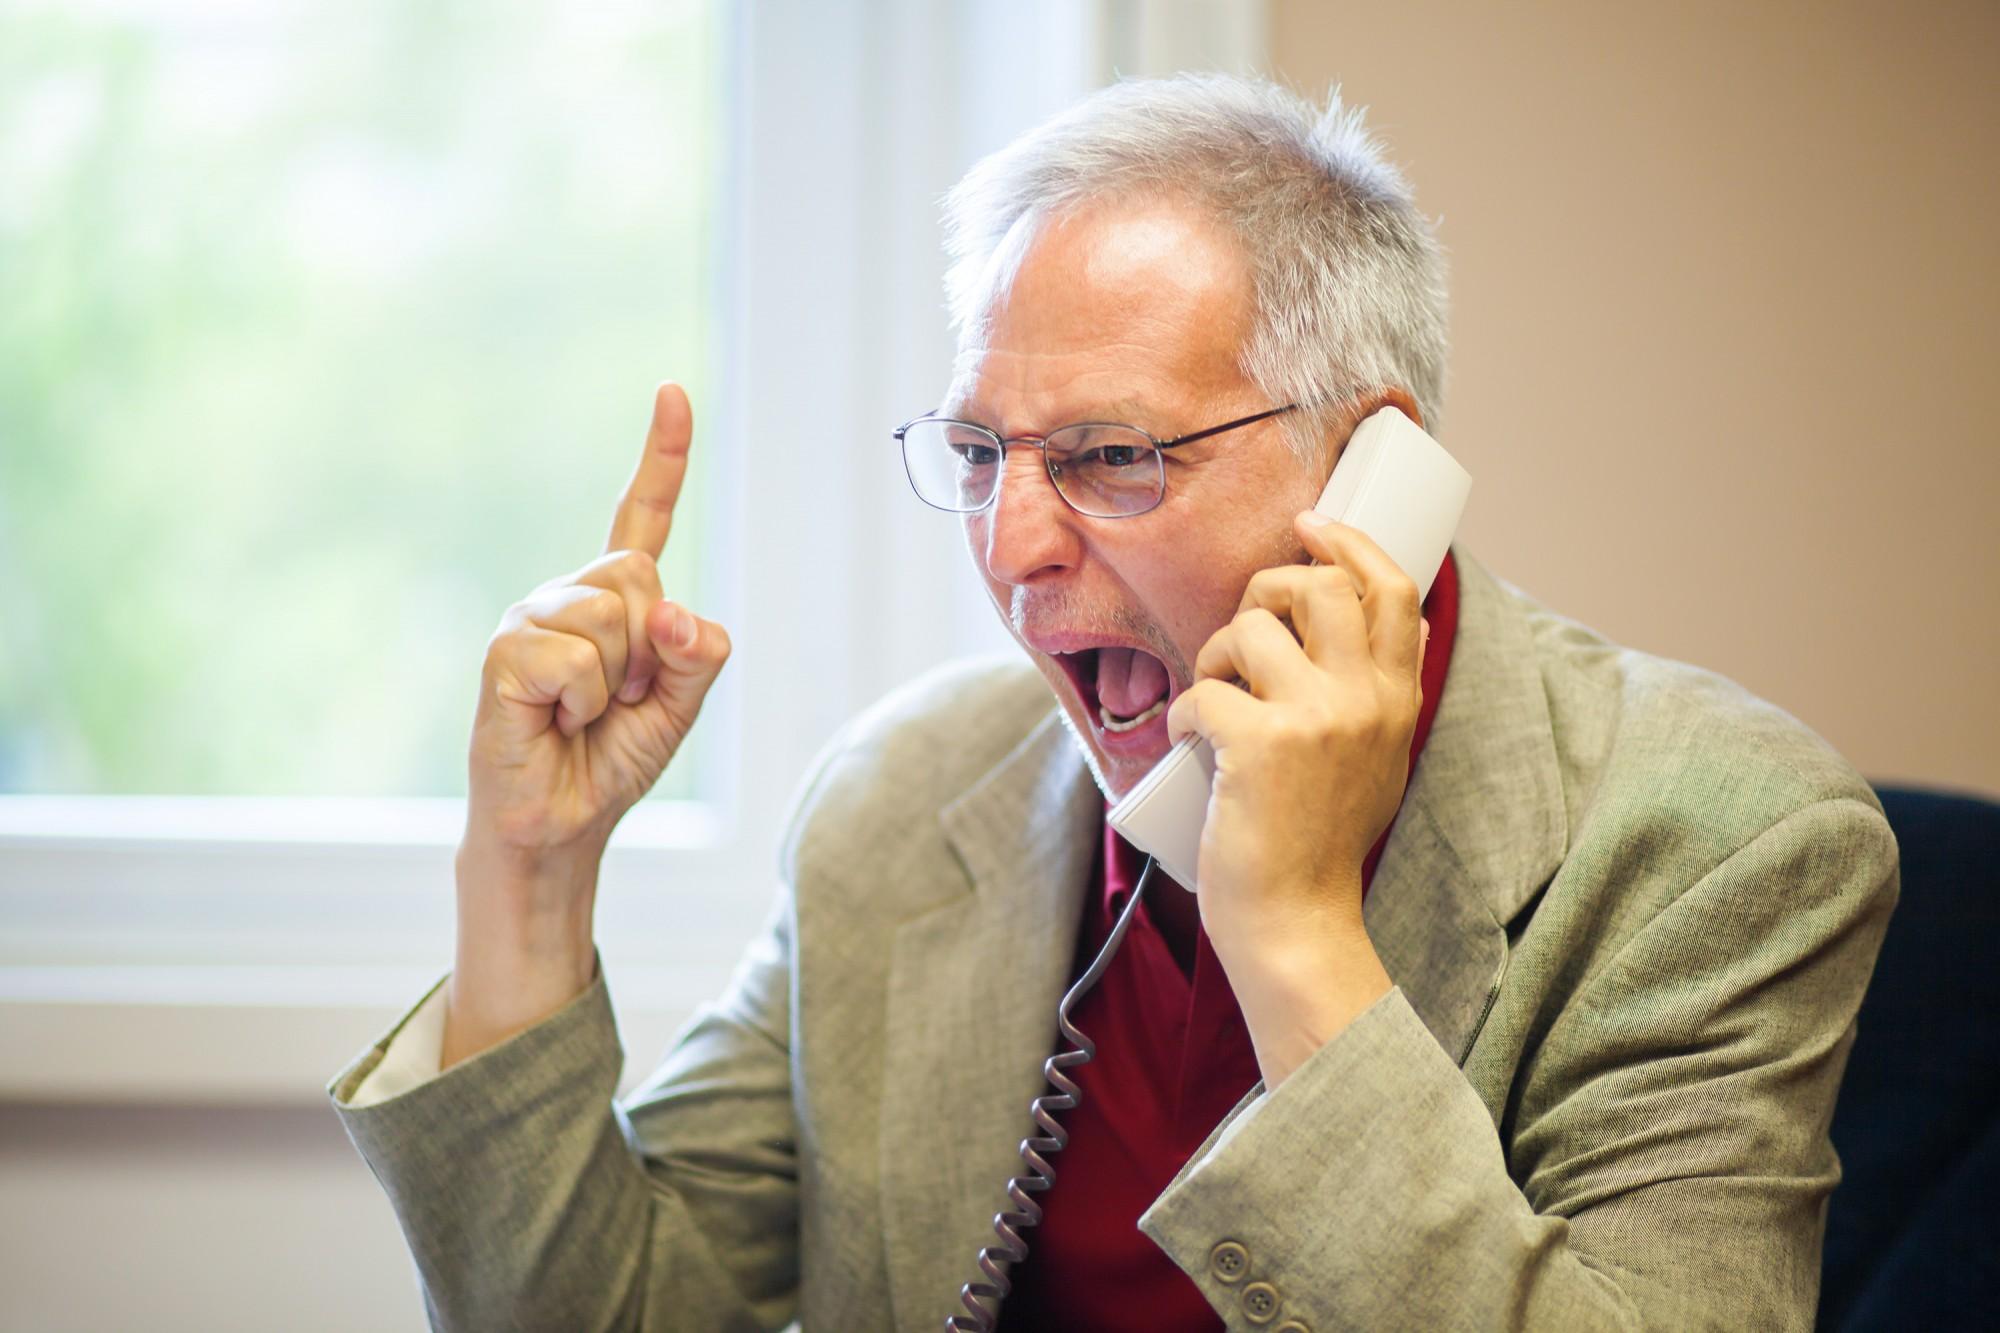 חוסר שיתוף פעולה בסקר טלפוני. רק אחד לשבעה אנשים מסכים לא לנתק!